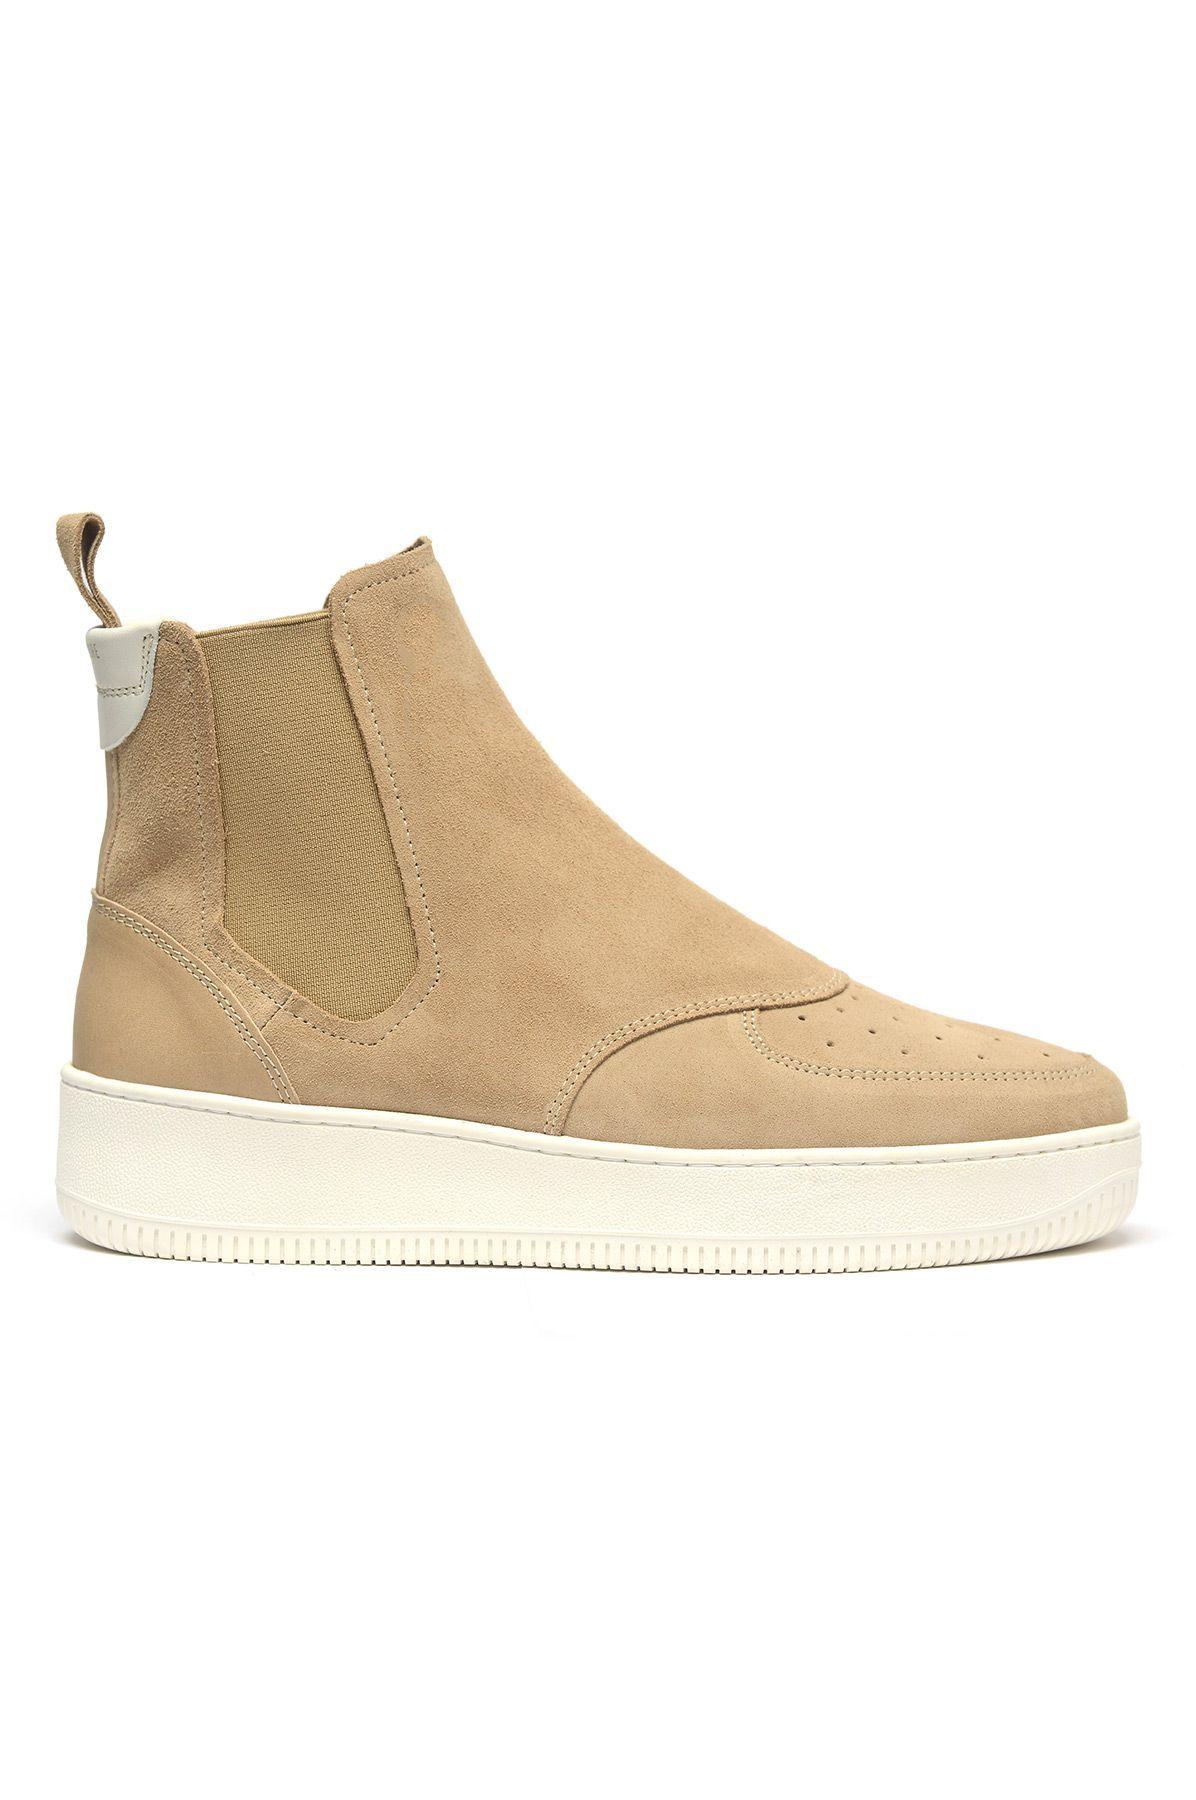 AIMÉ LEON DORE Q76 Sand Chelsea Boots